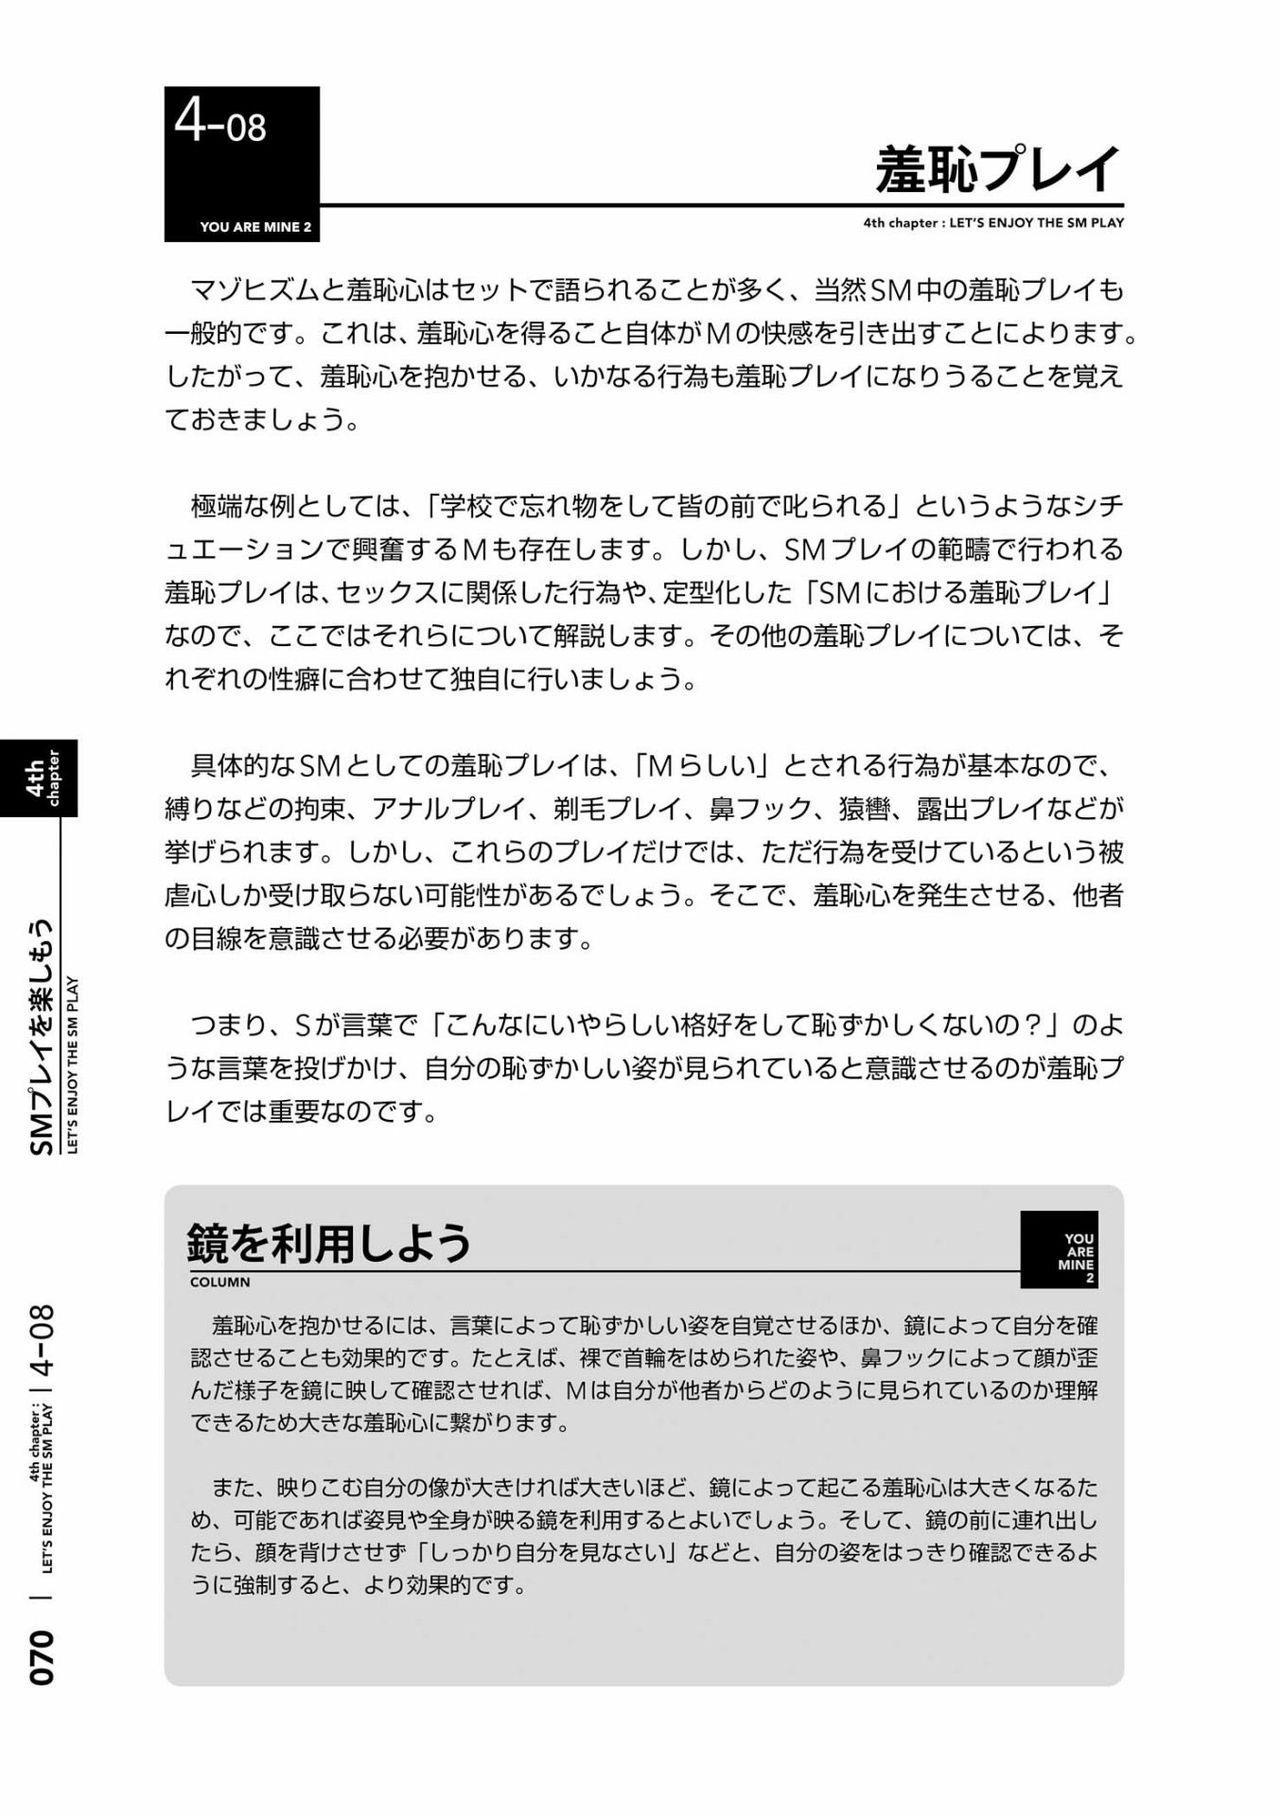 [Mitsuba] Karada mo Kokoro mo Boku no Mono ~Hajimete no SM Guide~ 2 [Digital] 72